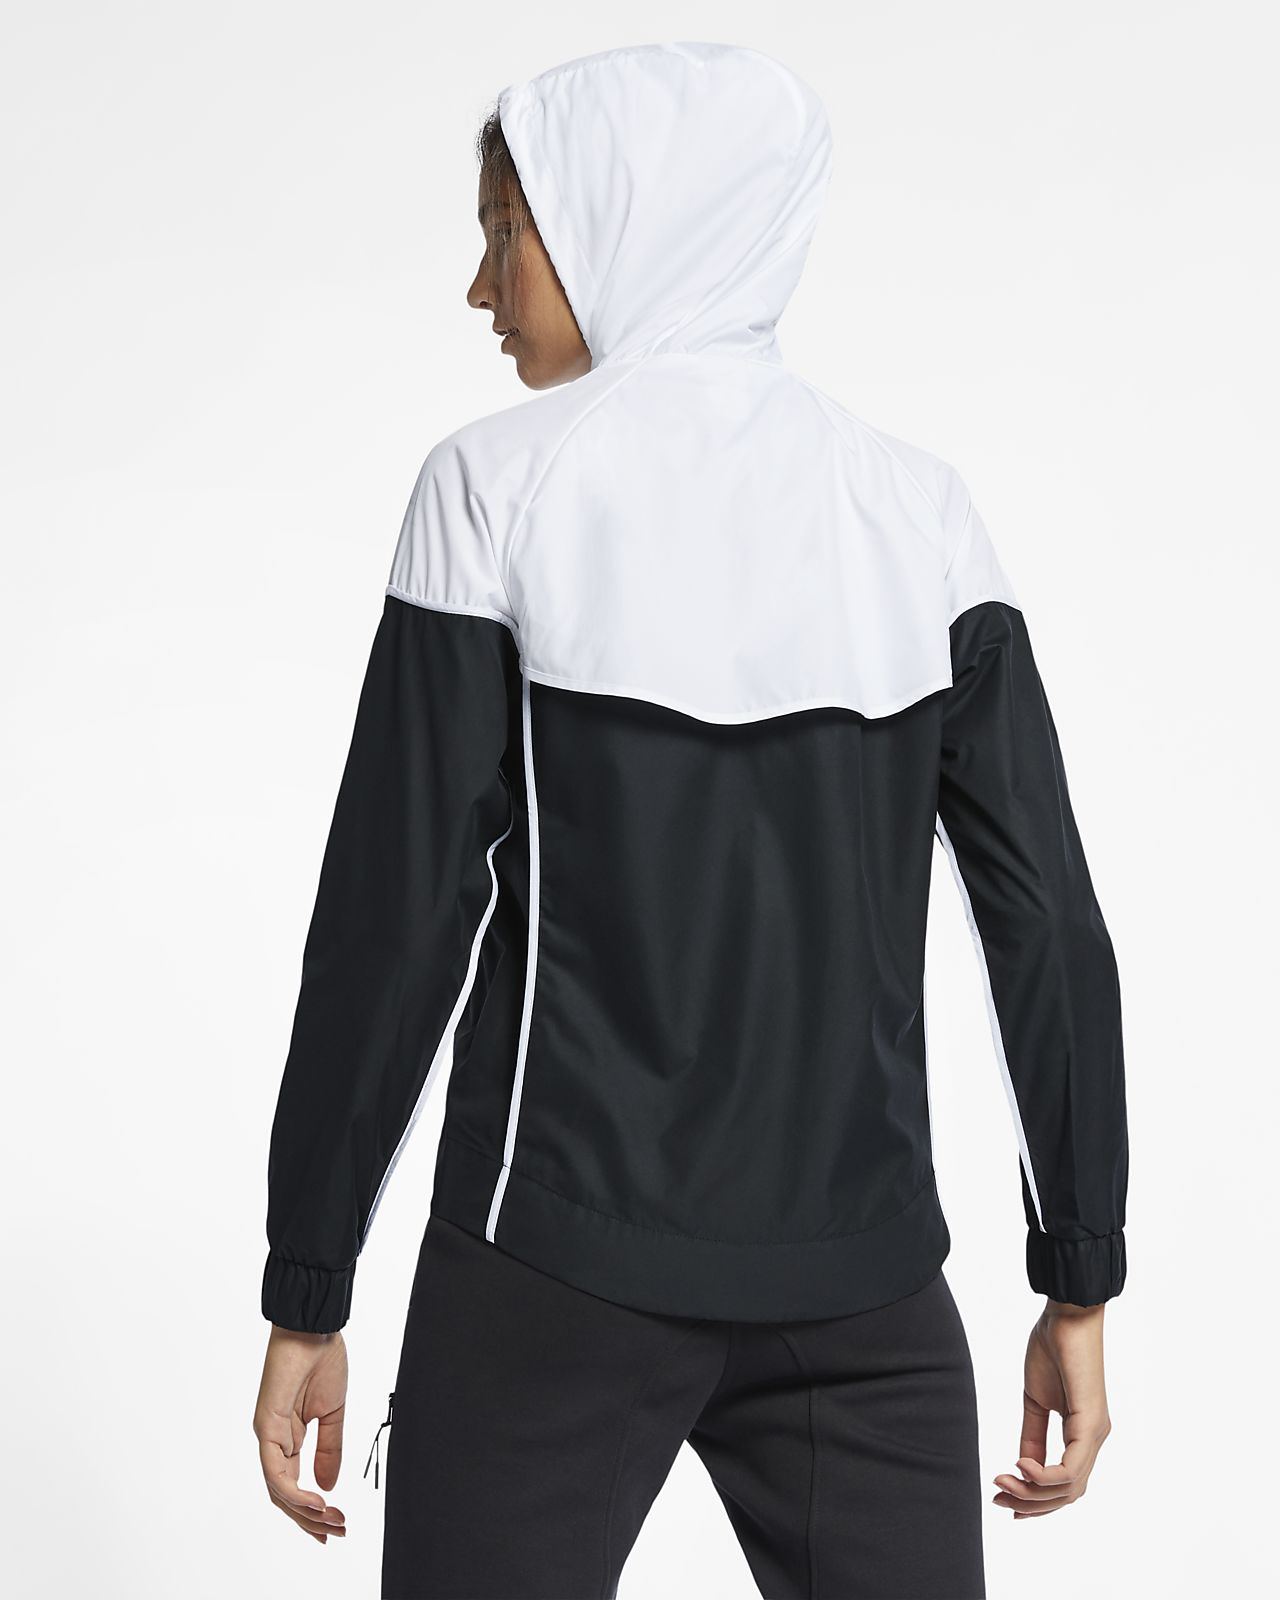 f0964426e6f0 Low Resolution Nike Sportswear Windrunner Women s Woven Windbreaker Nike  Sportswear Windrunner Women s Woven Windbreaker